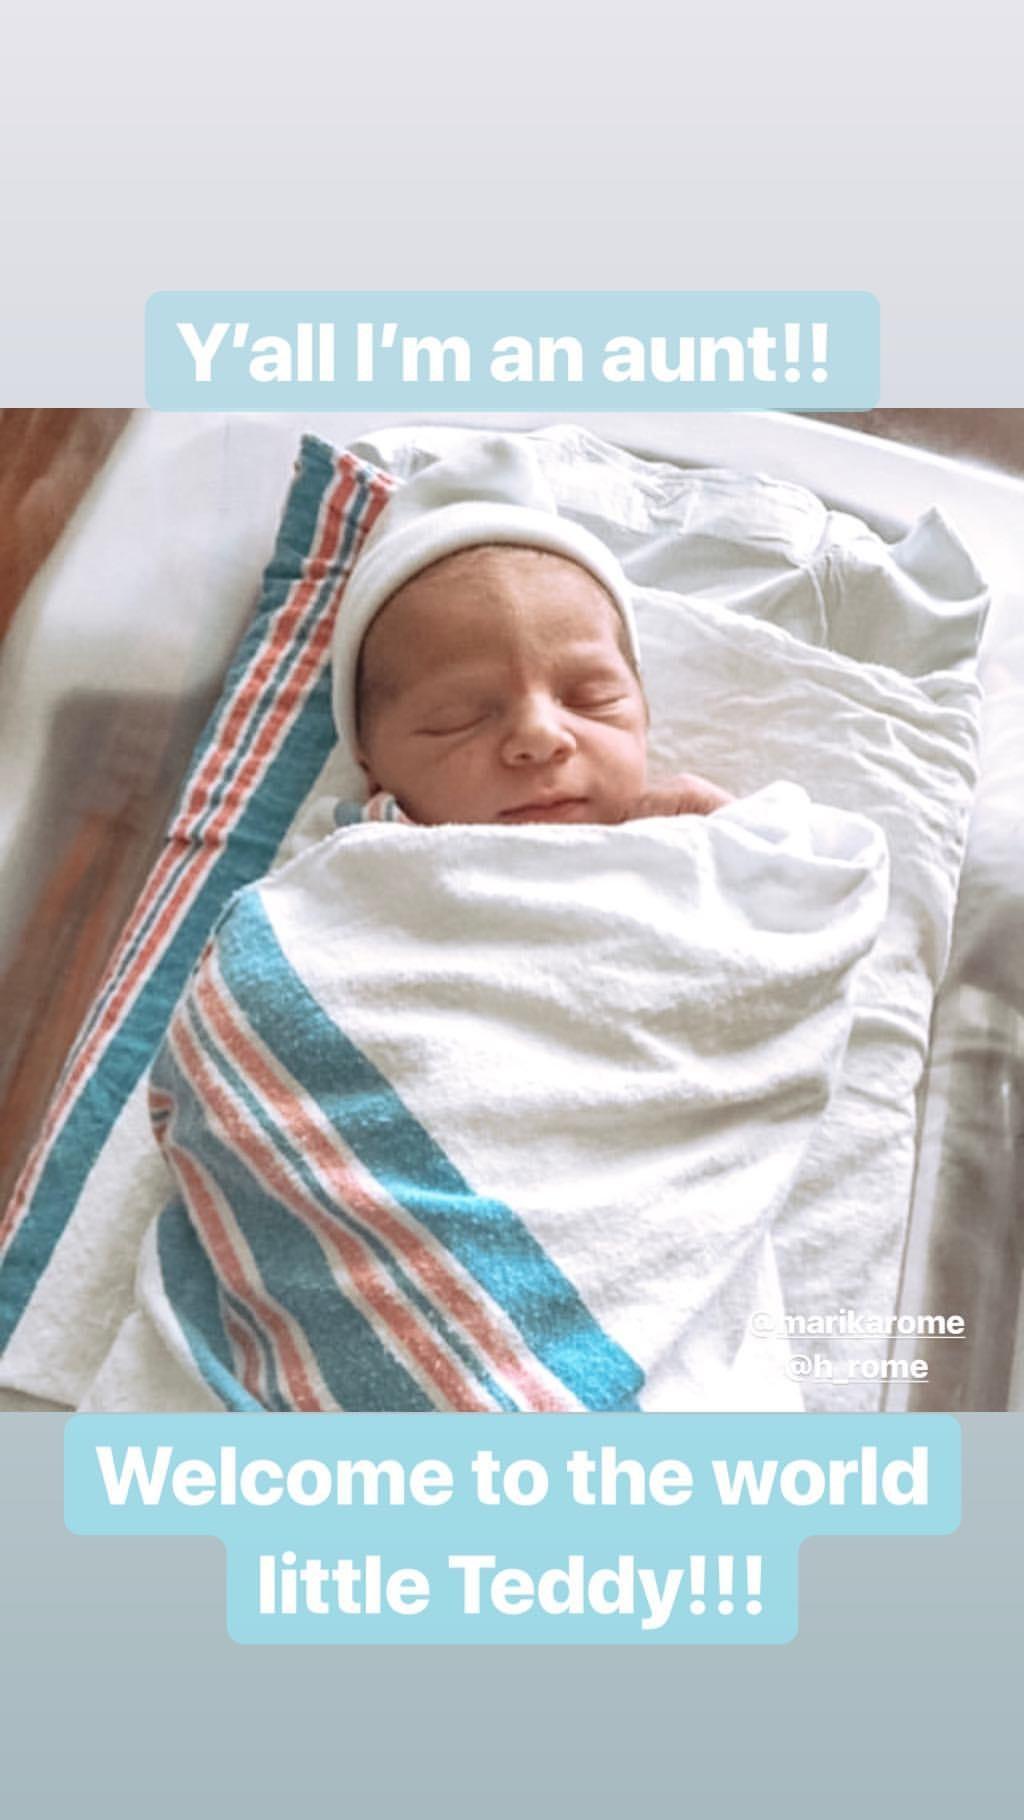 Maličký Teddy, první vnouče legendárního Ivana Lendla